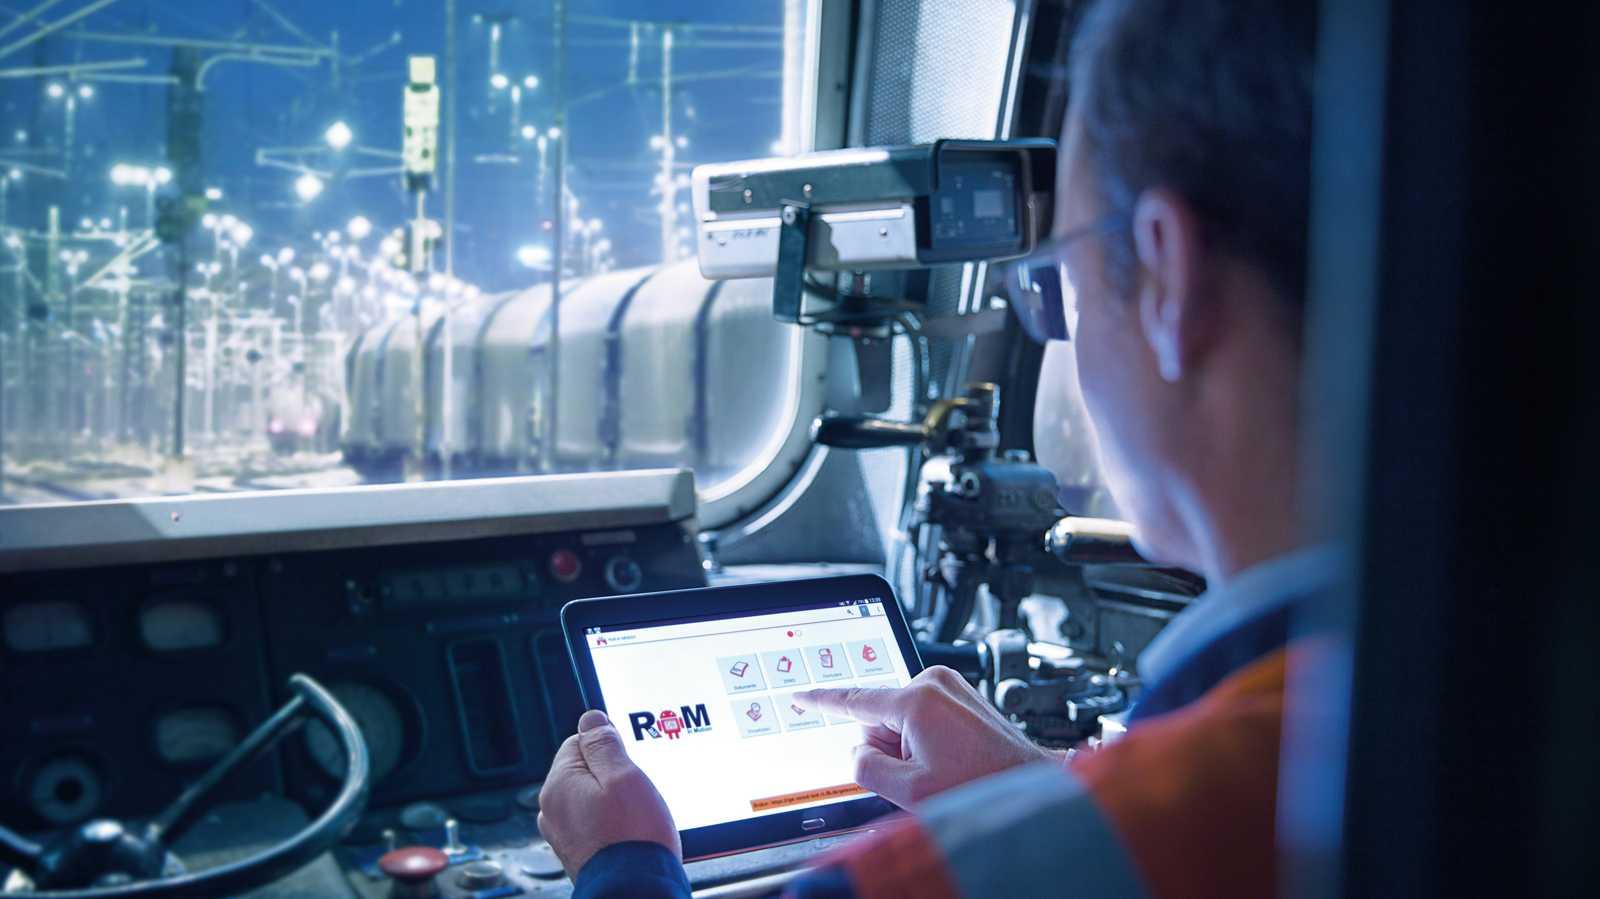 Deutsche Bahn: Apps für Mitarbeiter statt Zettelwirtschaft